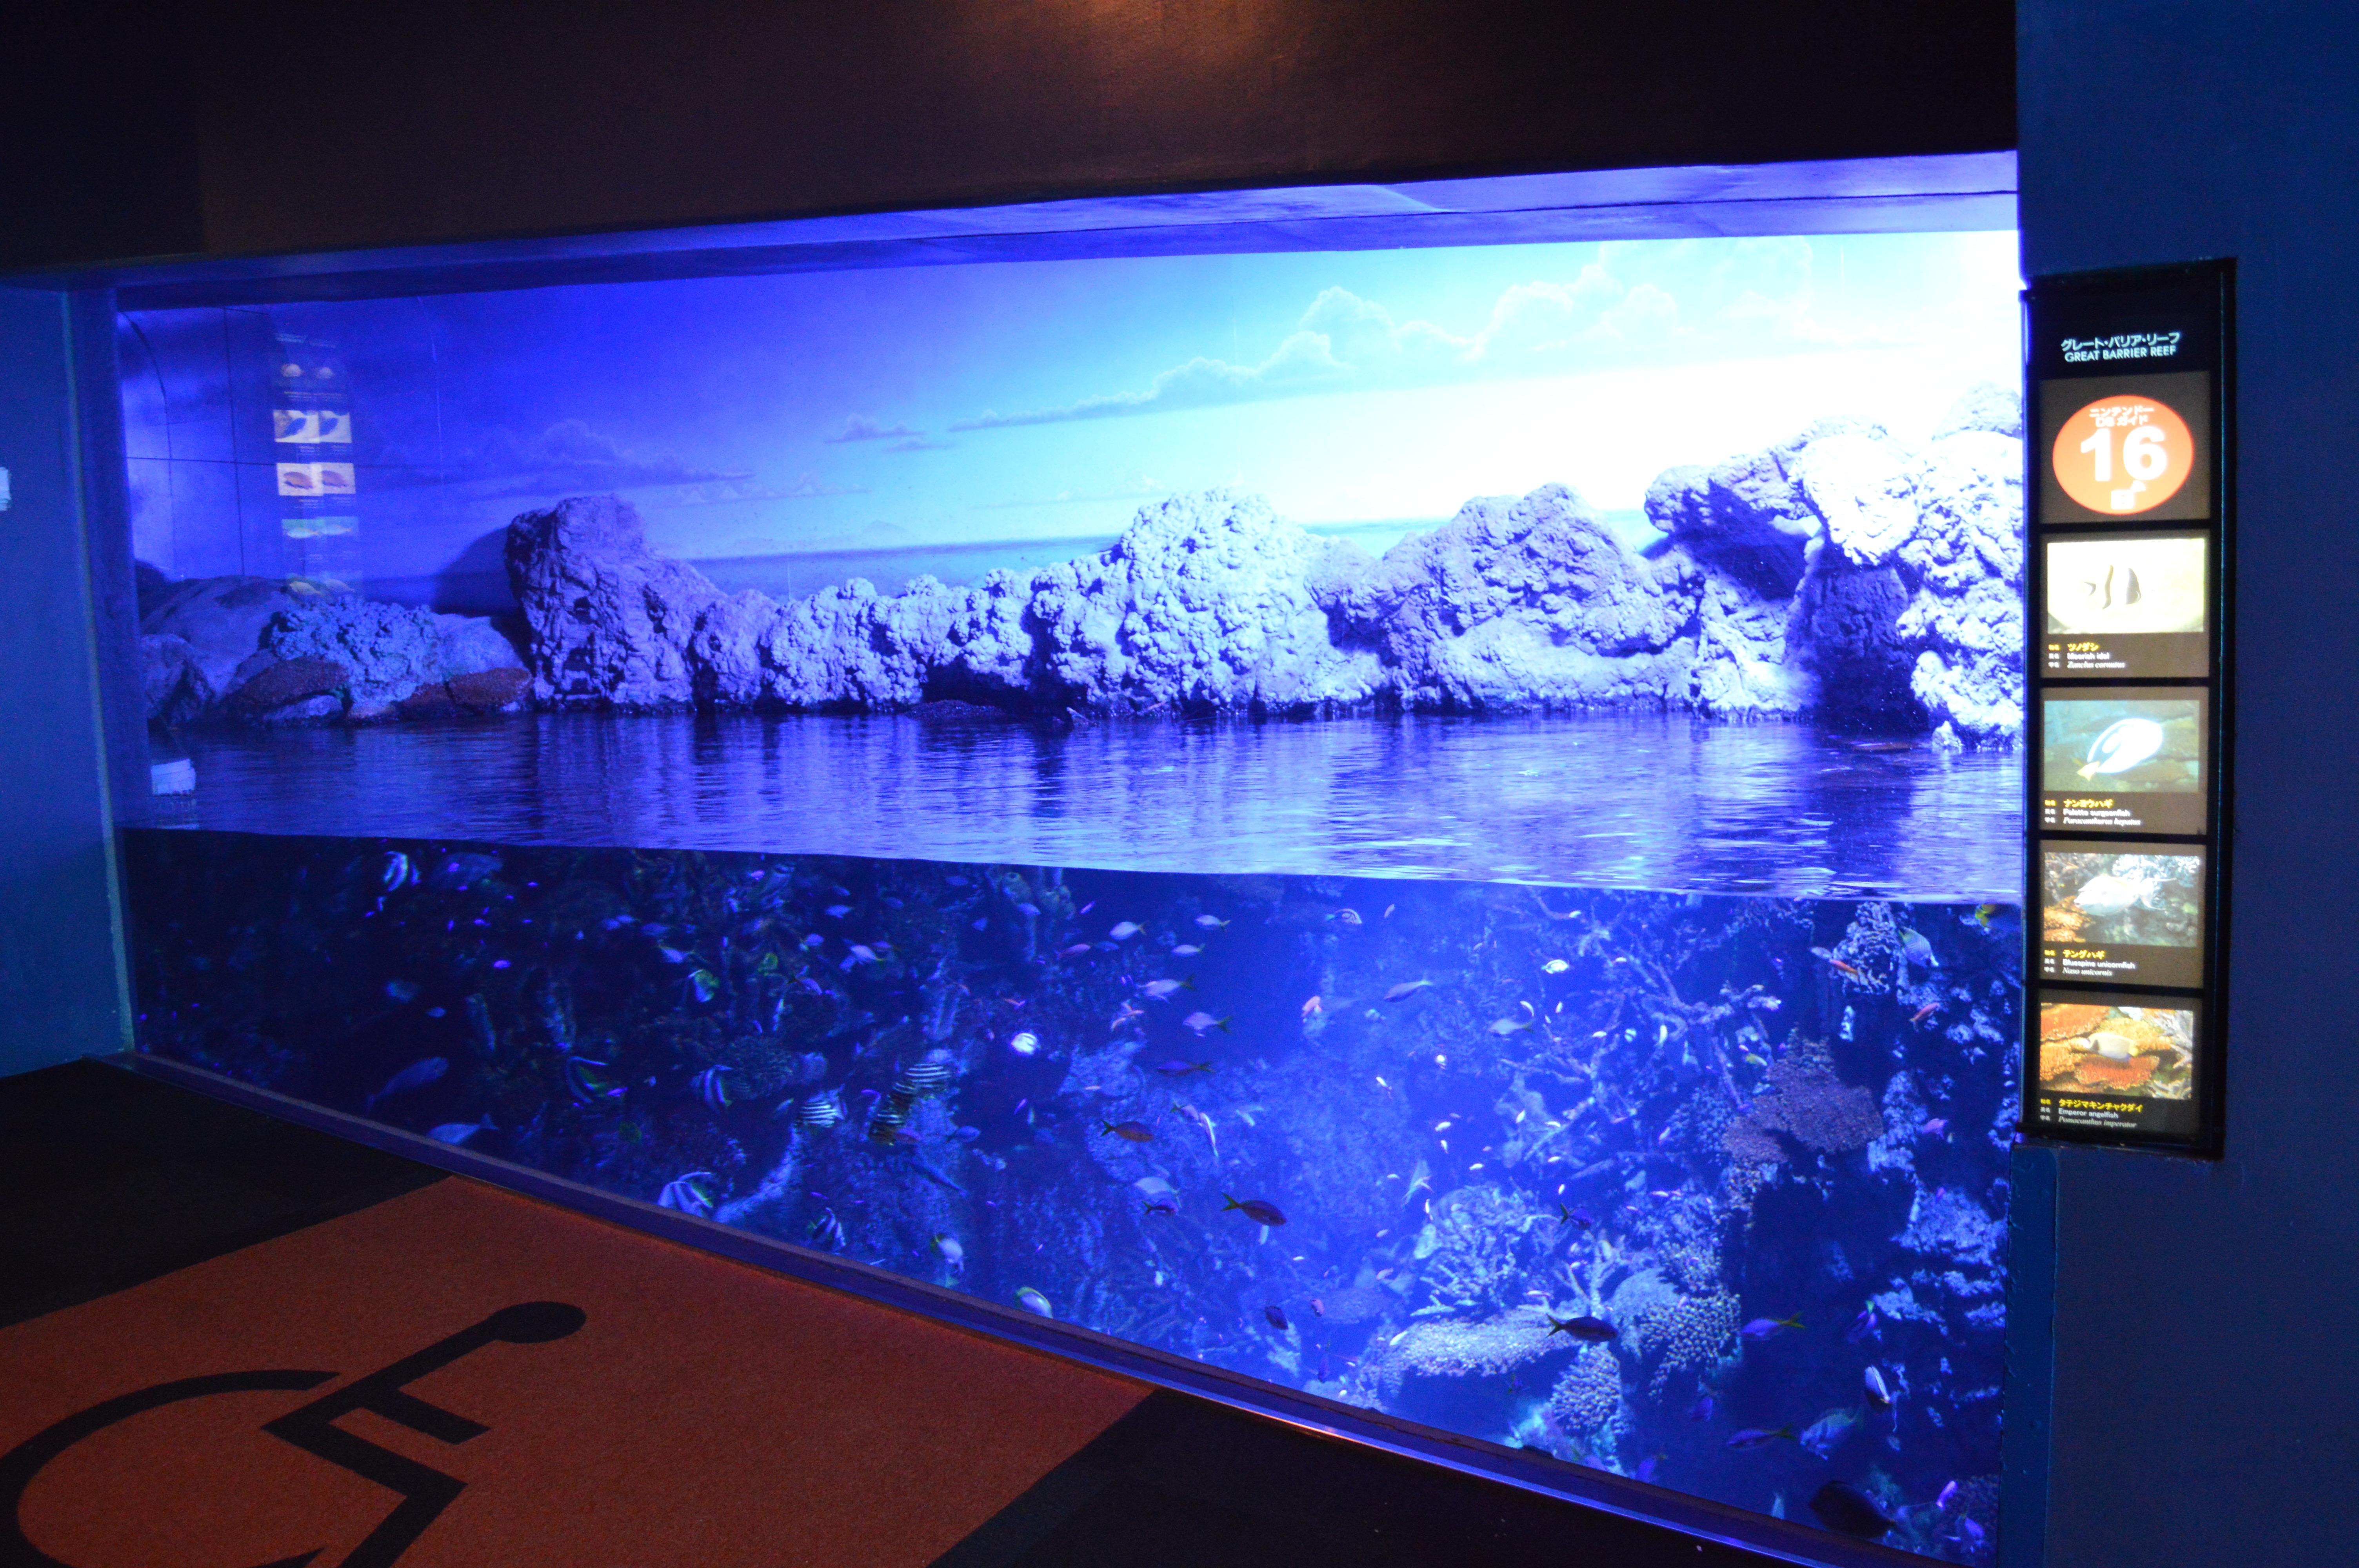 File:Osaka Aquarium Kaiyukan 2013-09C.JPG - Wikimedia Commons